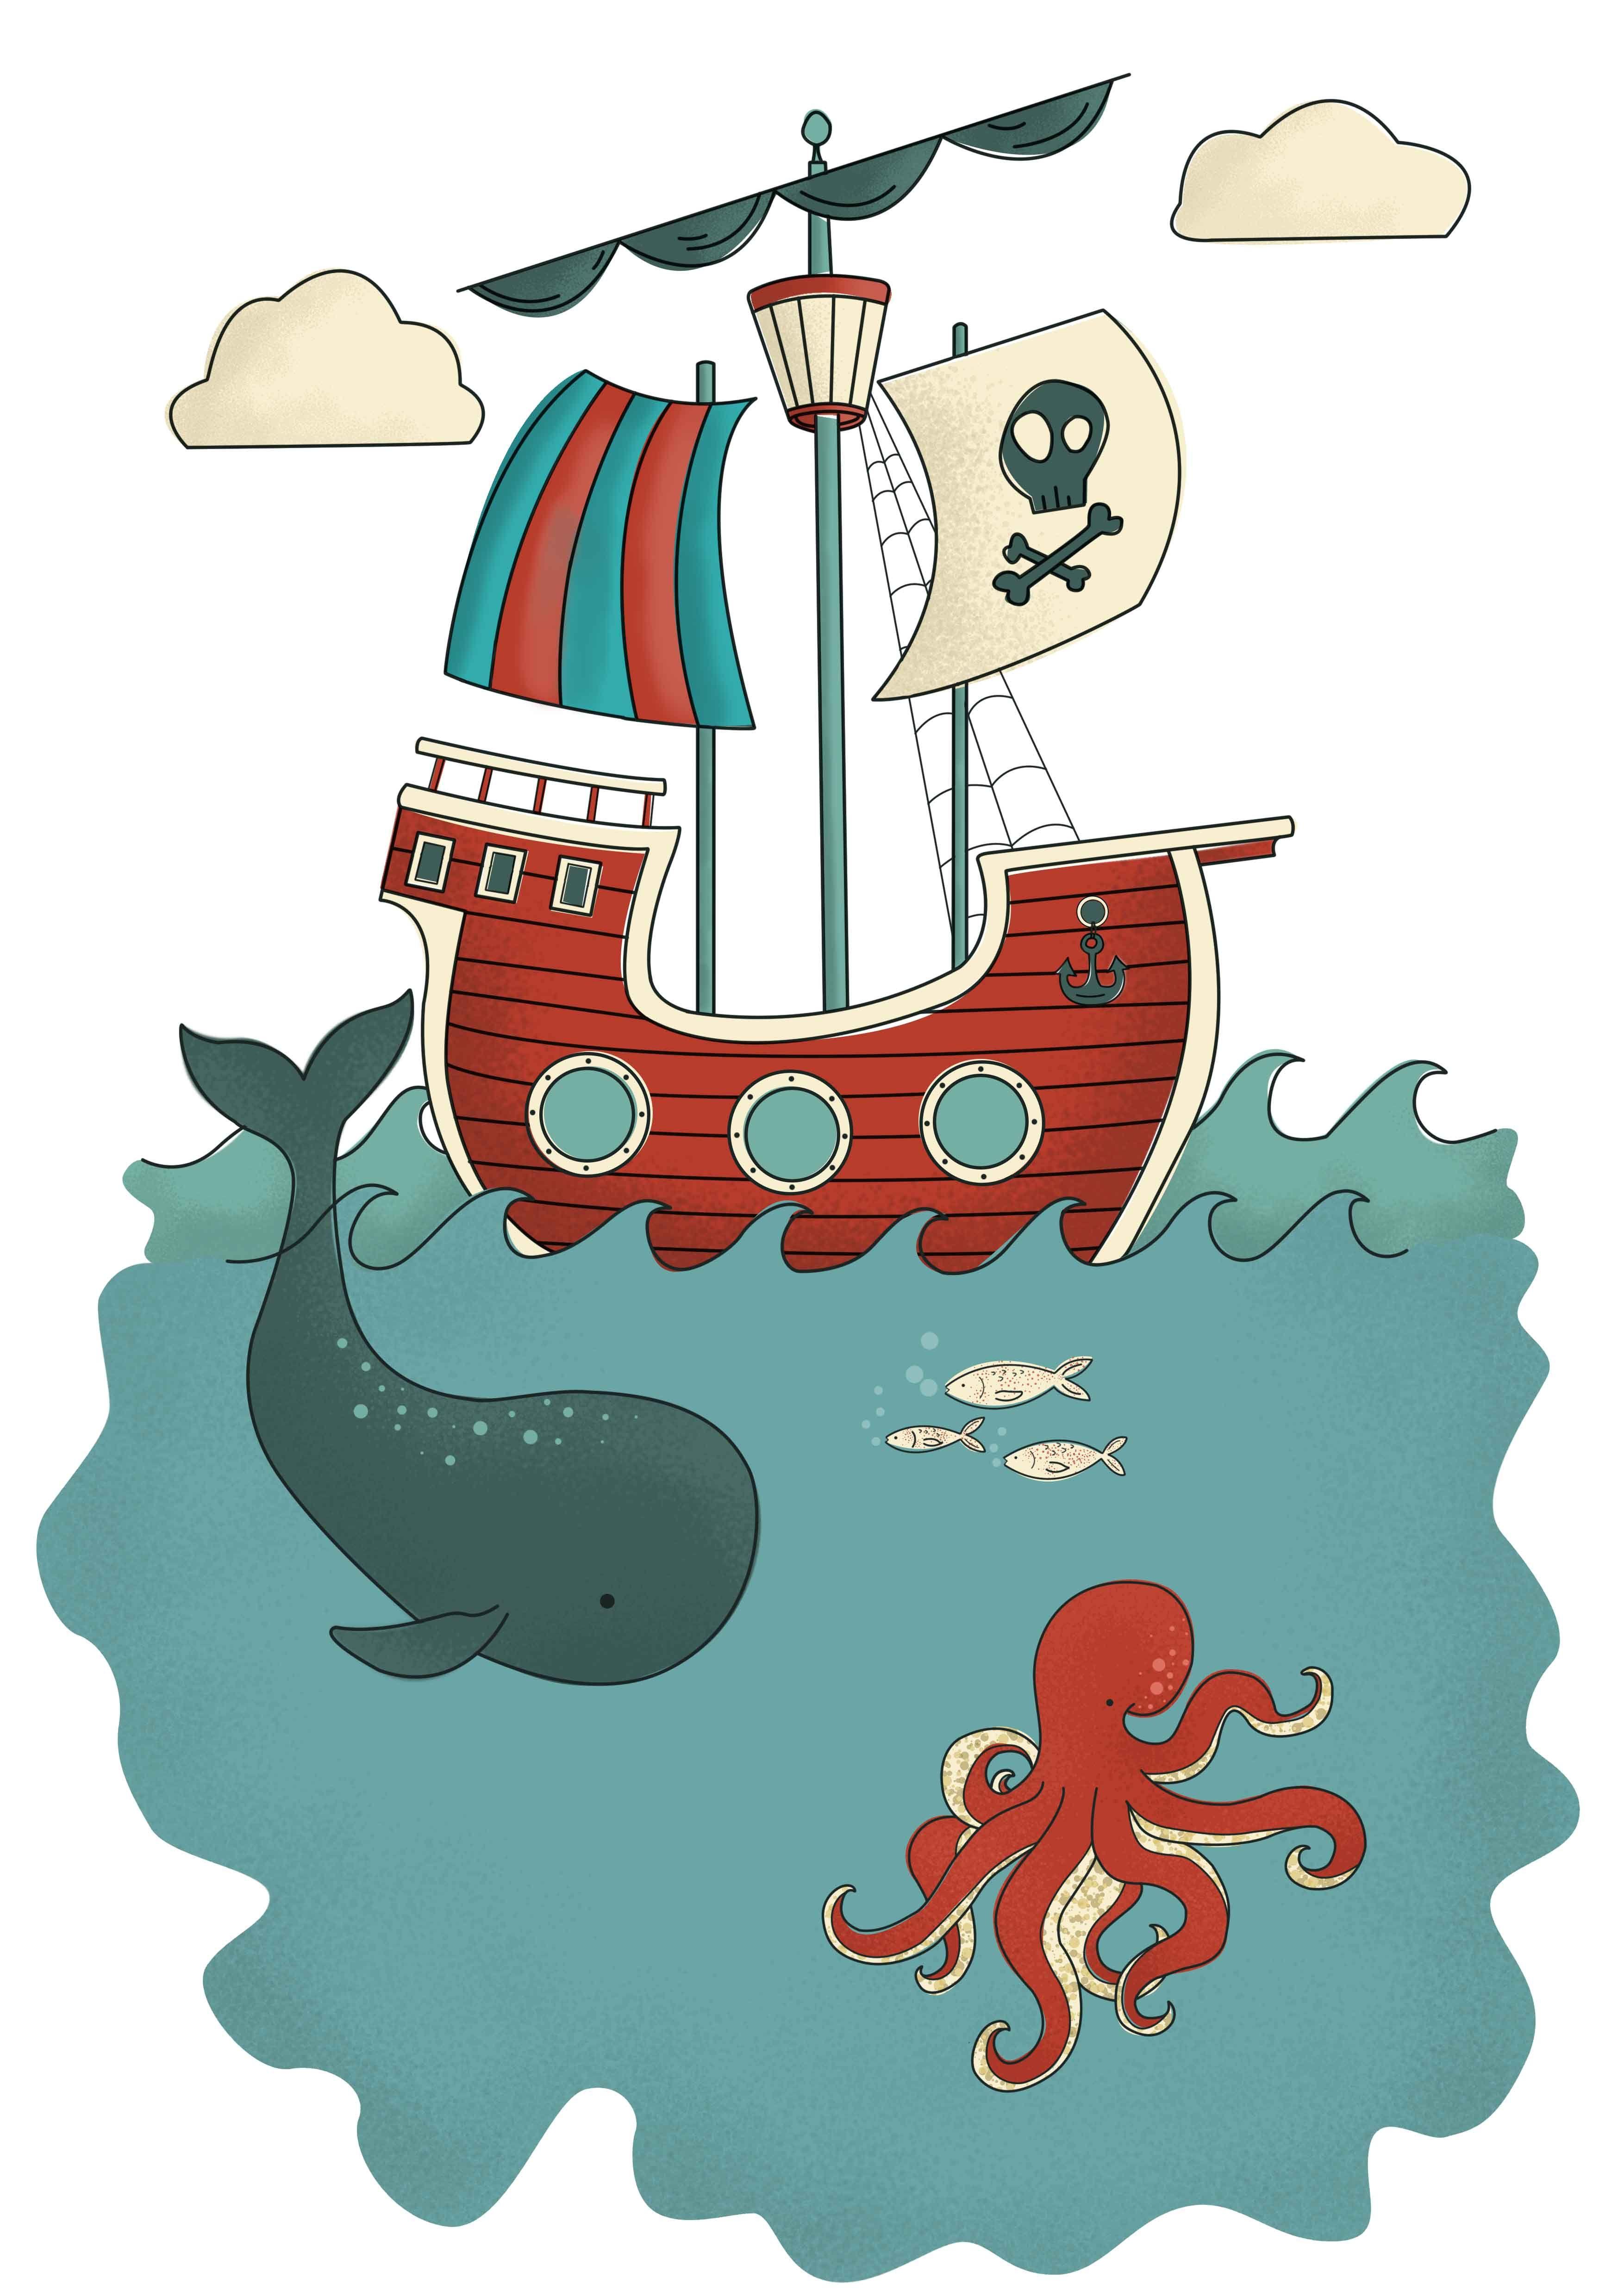 Pirate Ship Illustration Children Own Work